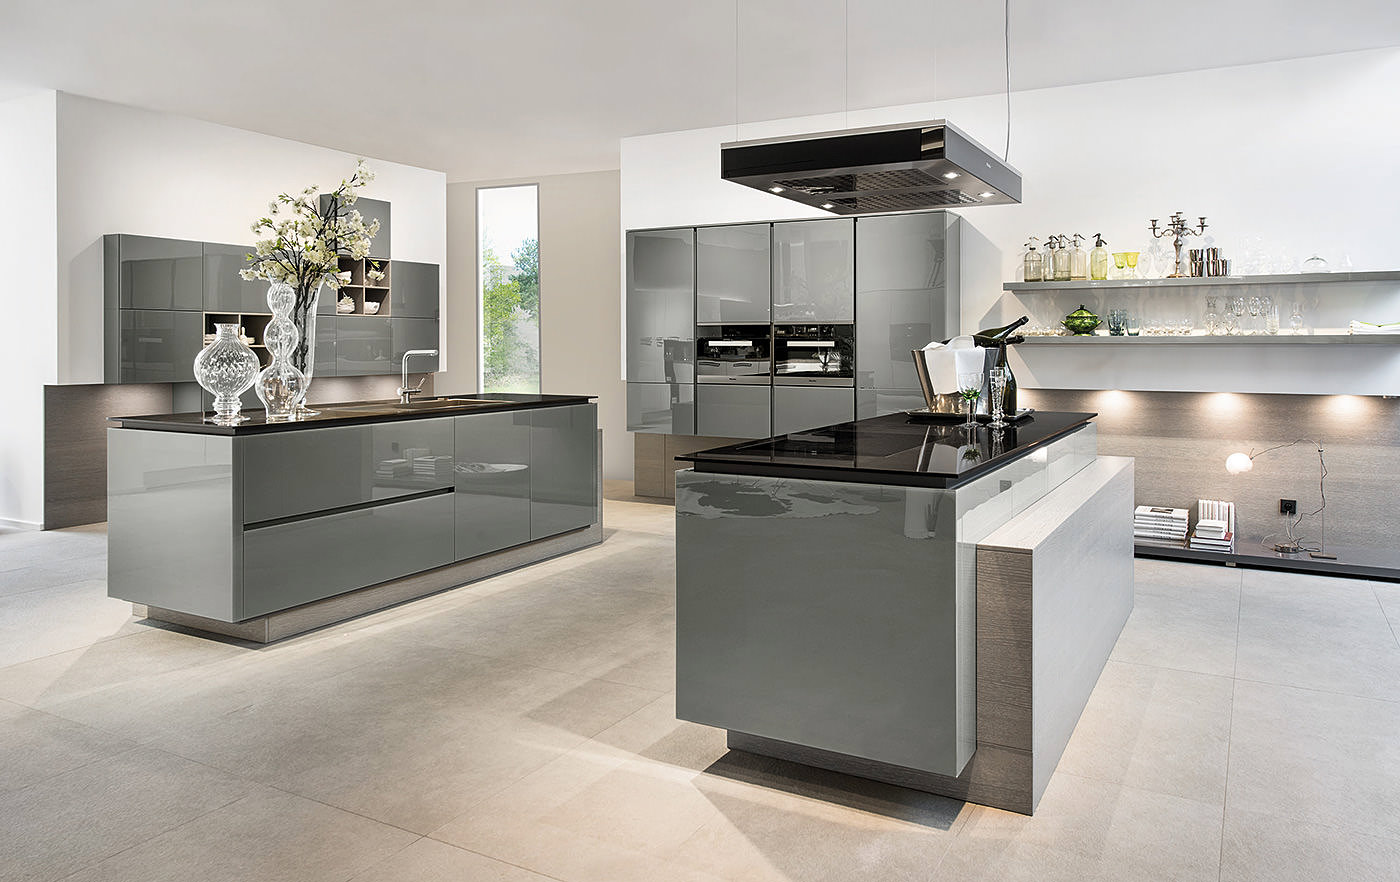 Küchenausstellung | Fritzsche Haustechnik Braunichswalde